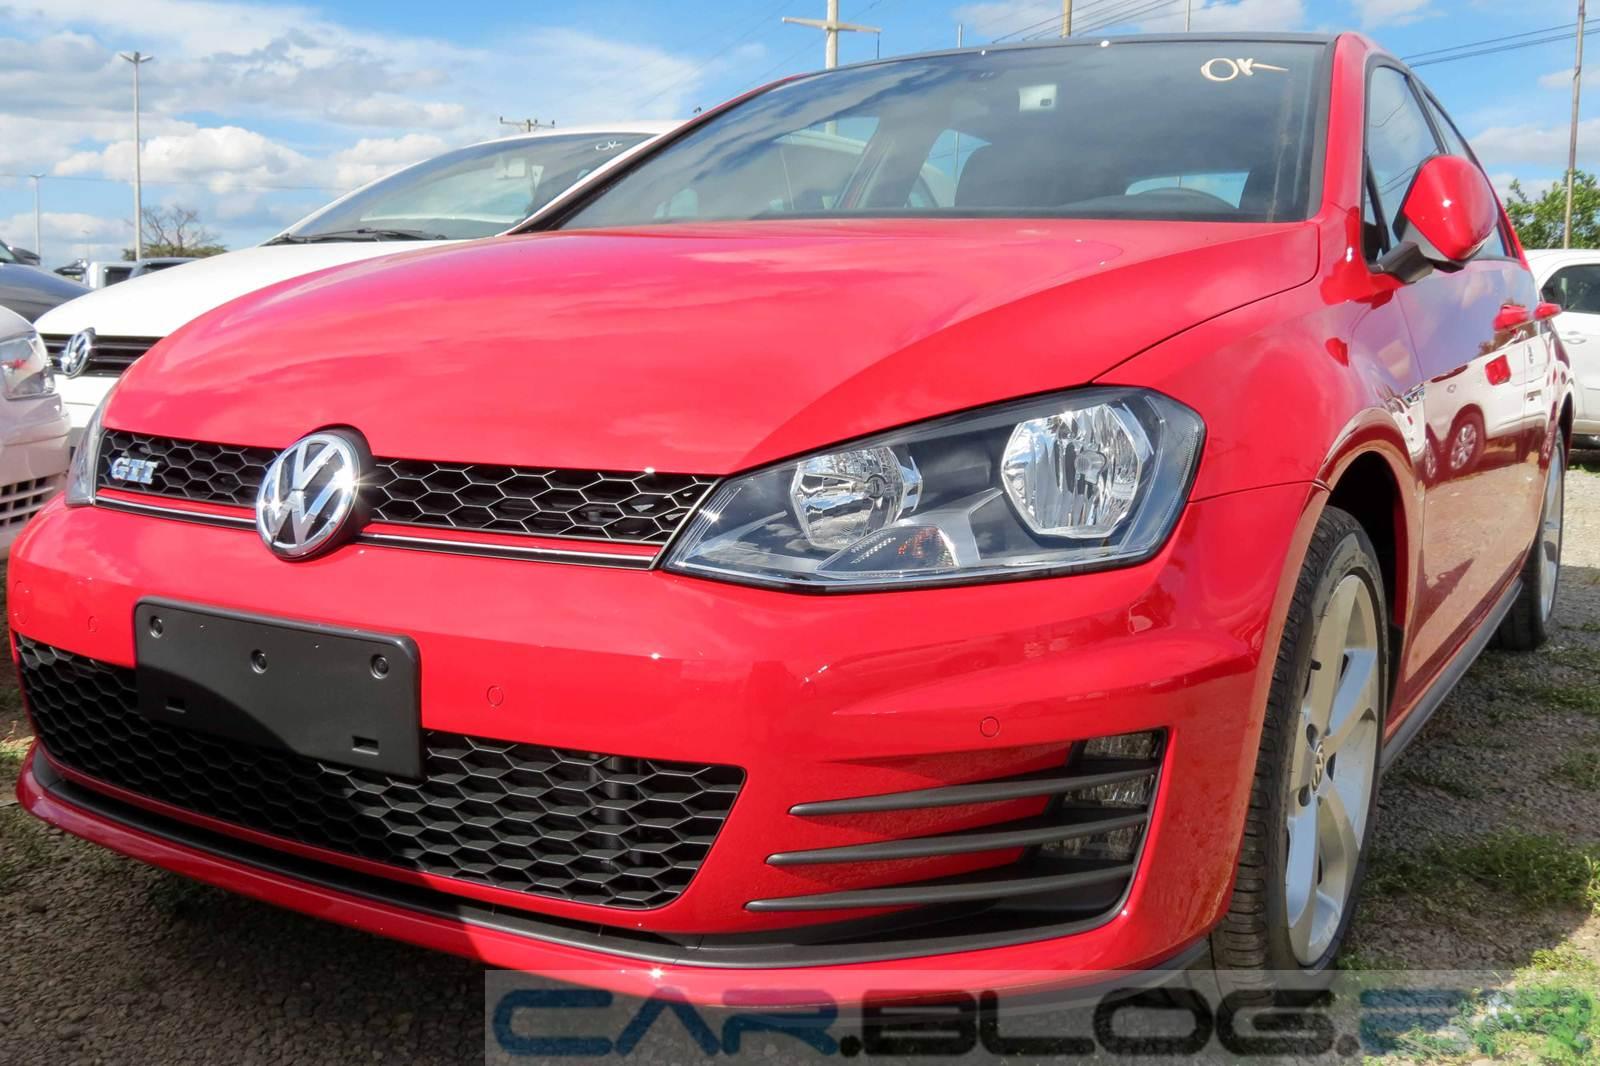 Novo VW Golf GTI 2014 - Básico